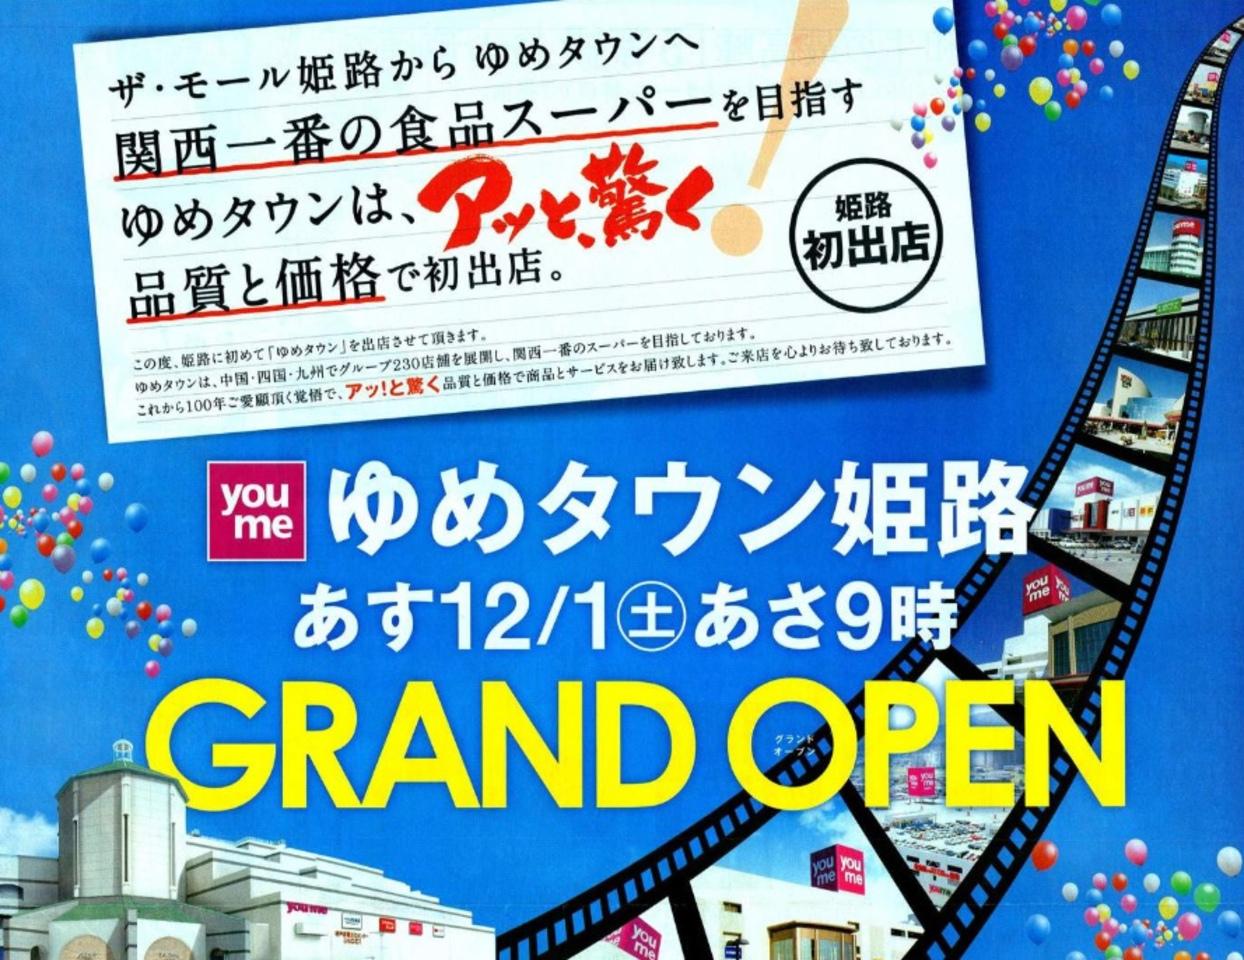 ザ・モール姫路からゆめタウンへ、一新。商業施設「ゆめタウン姫路」12月1日グランドオープン!